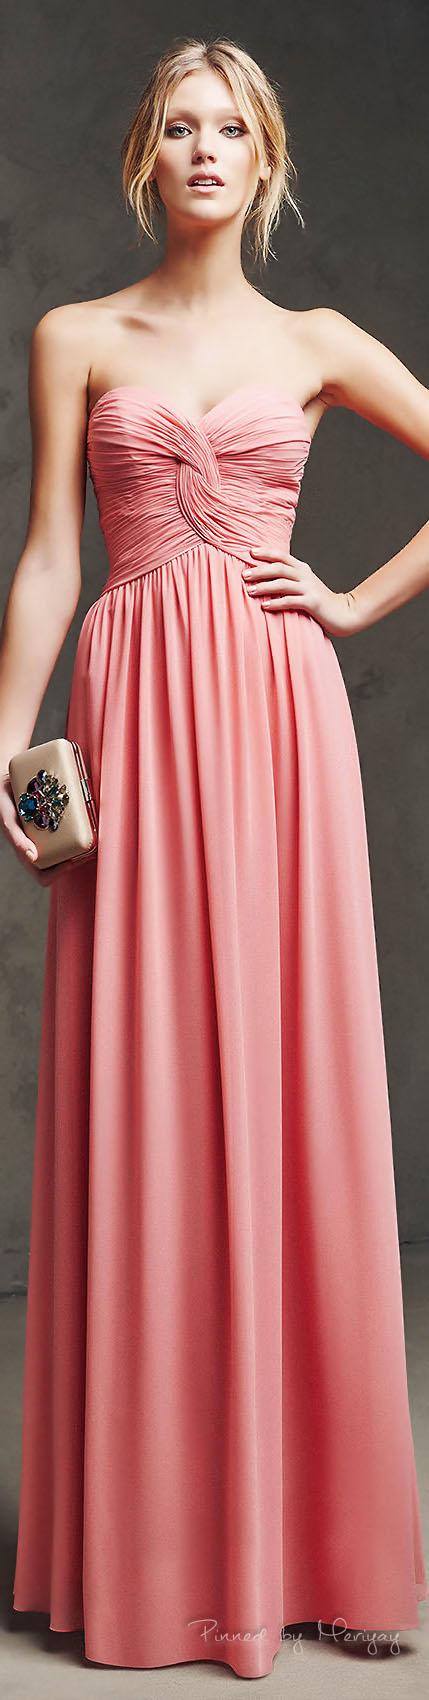 ROSITA...❤ | damas | Pinterest | Rosas, Vestiditos y Vestidos de fiesta